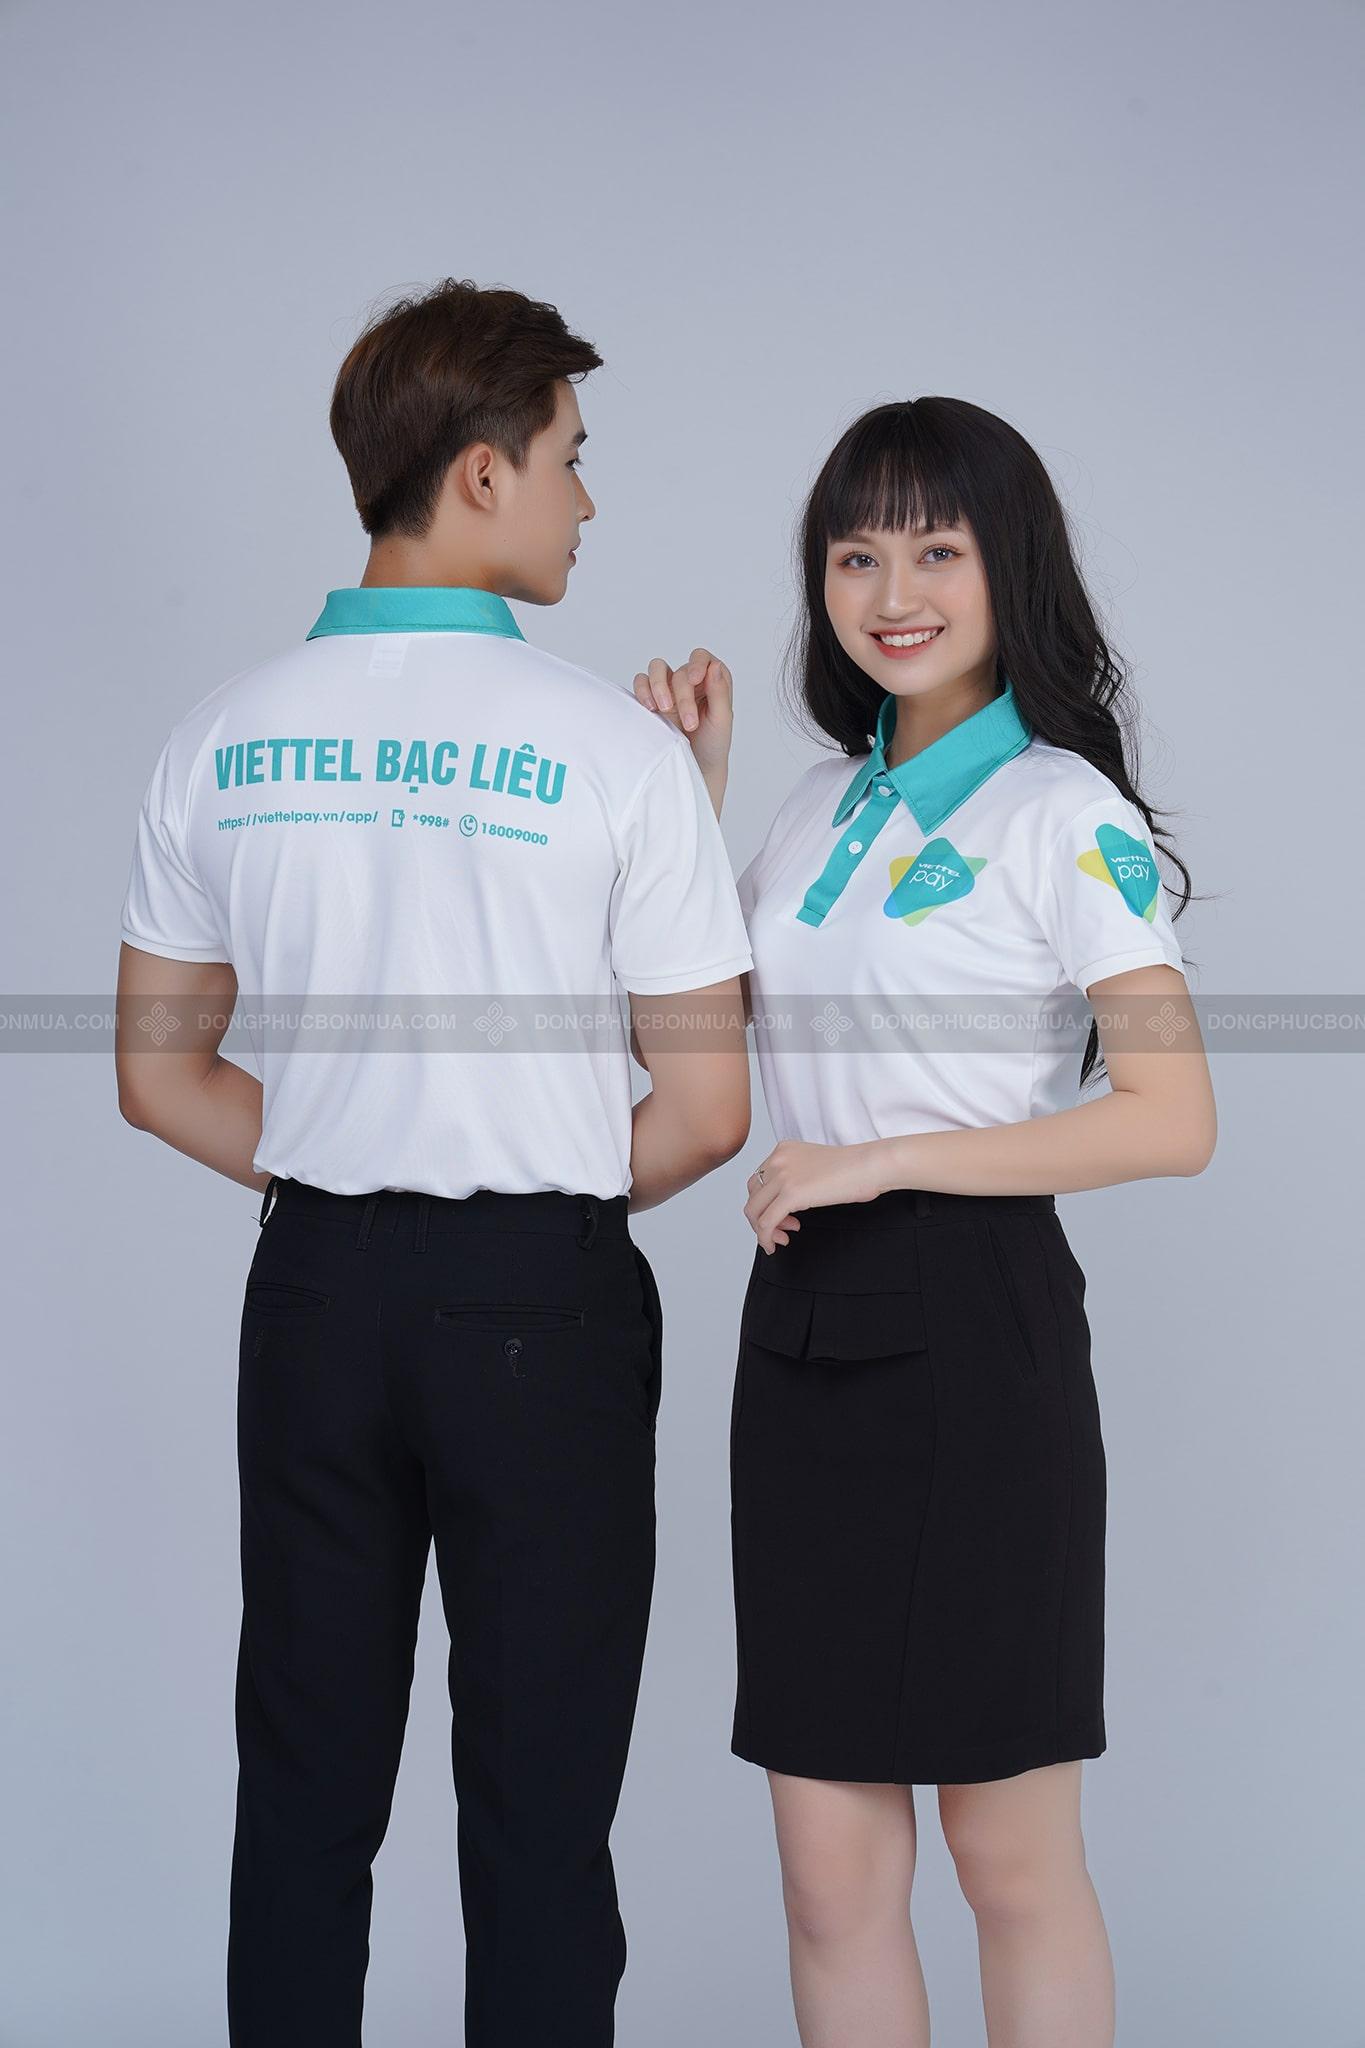 In áo thun đồng phục theo yêu cầu